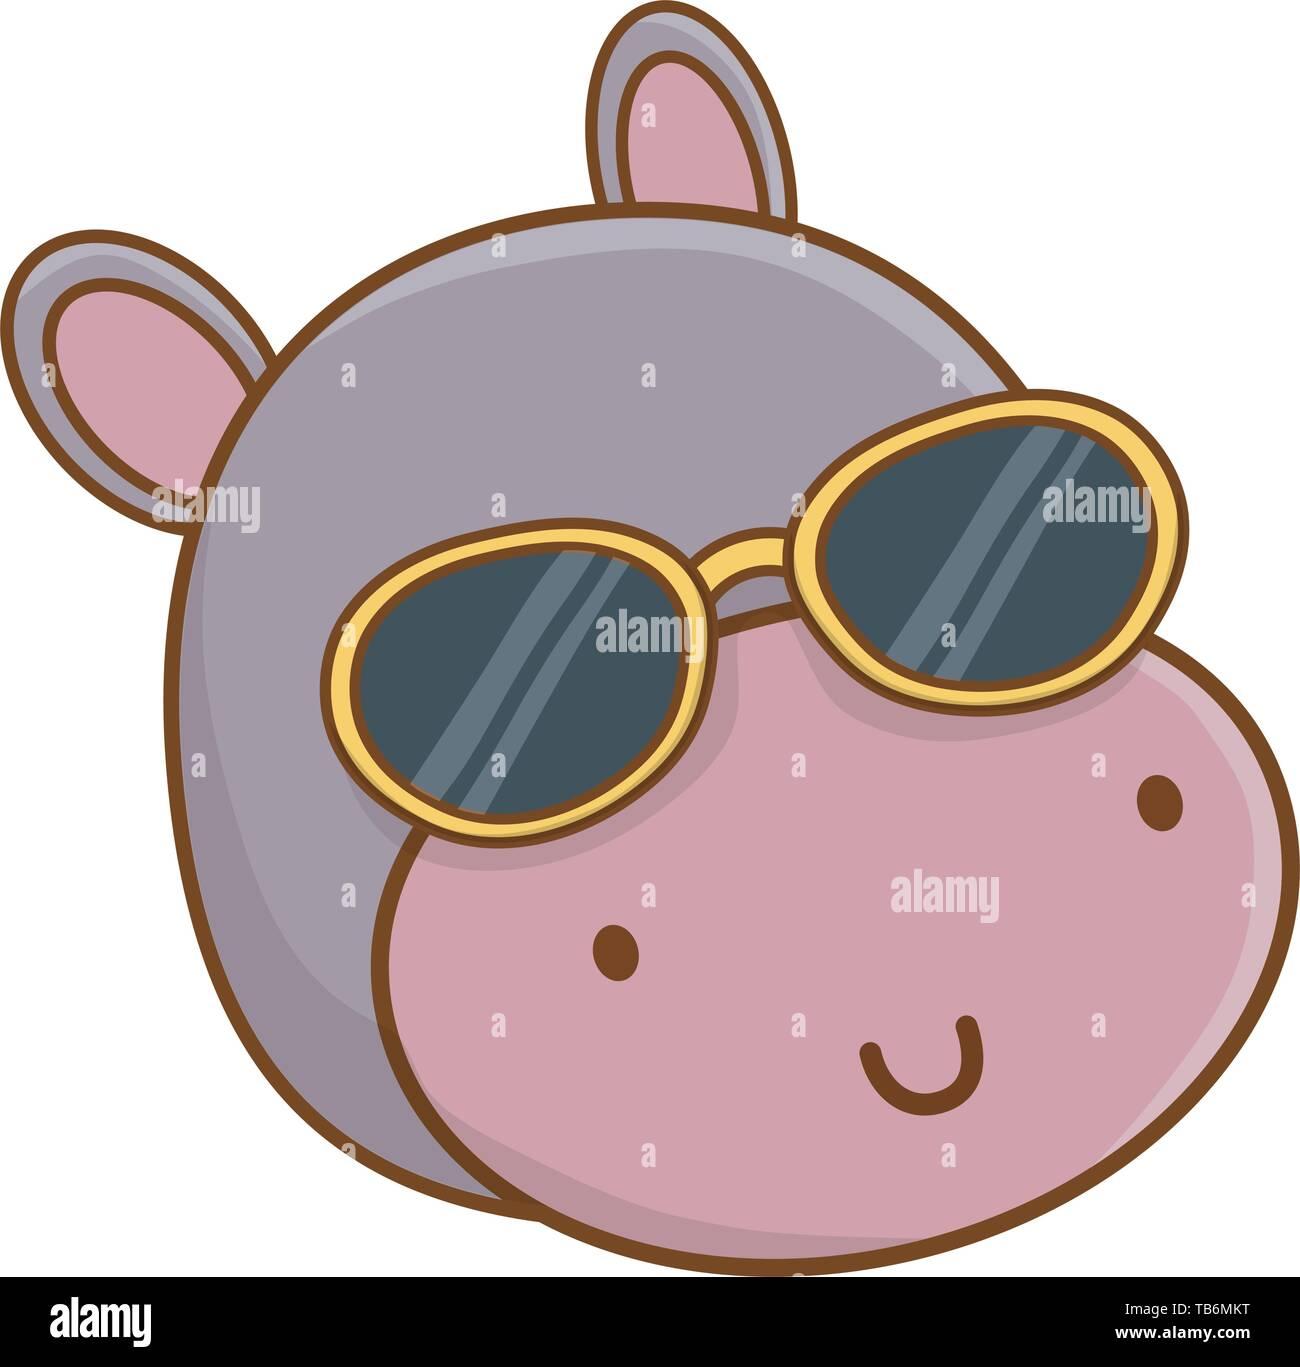 Imágenes Hippopotamus Cartoon Illustration De Stockamp; WHD9IE2Y